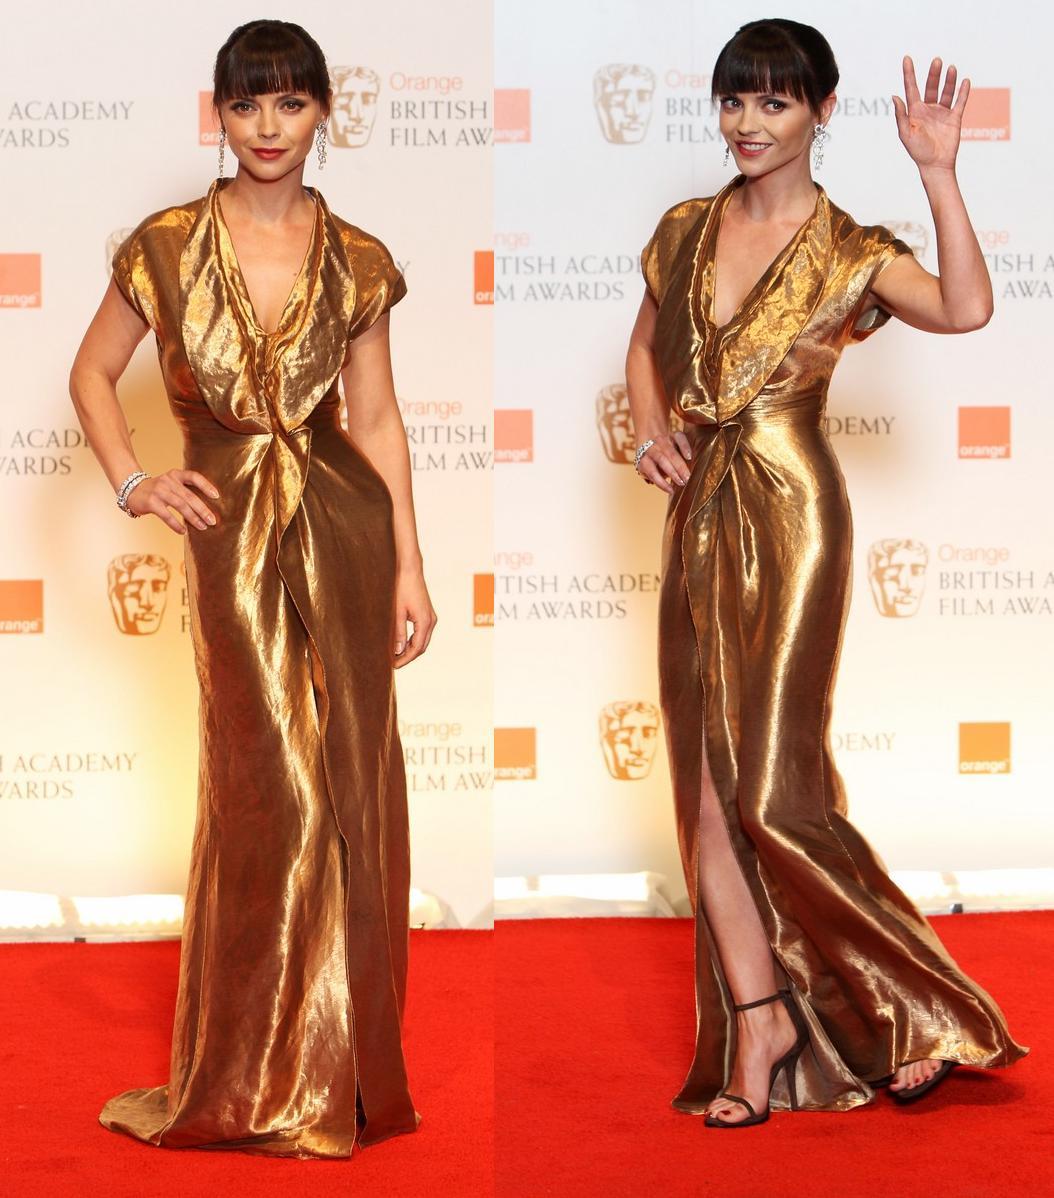 http://2.bp.blogspot.com/-Yct1E24iU7Q/Tzl3YFm7KNI/AAAAAAAAE2g/D4AoRS_wQFc/s1600/Christina+Ricci+in+Givenchy+-+2012+BAFTAs.jpg